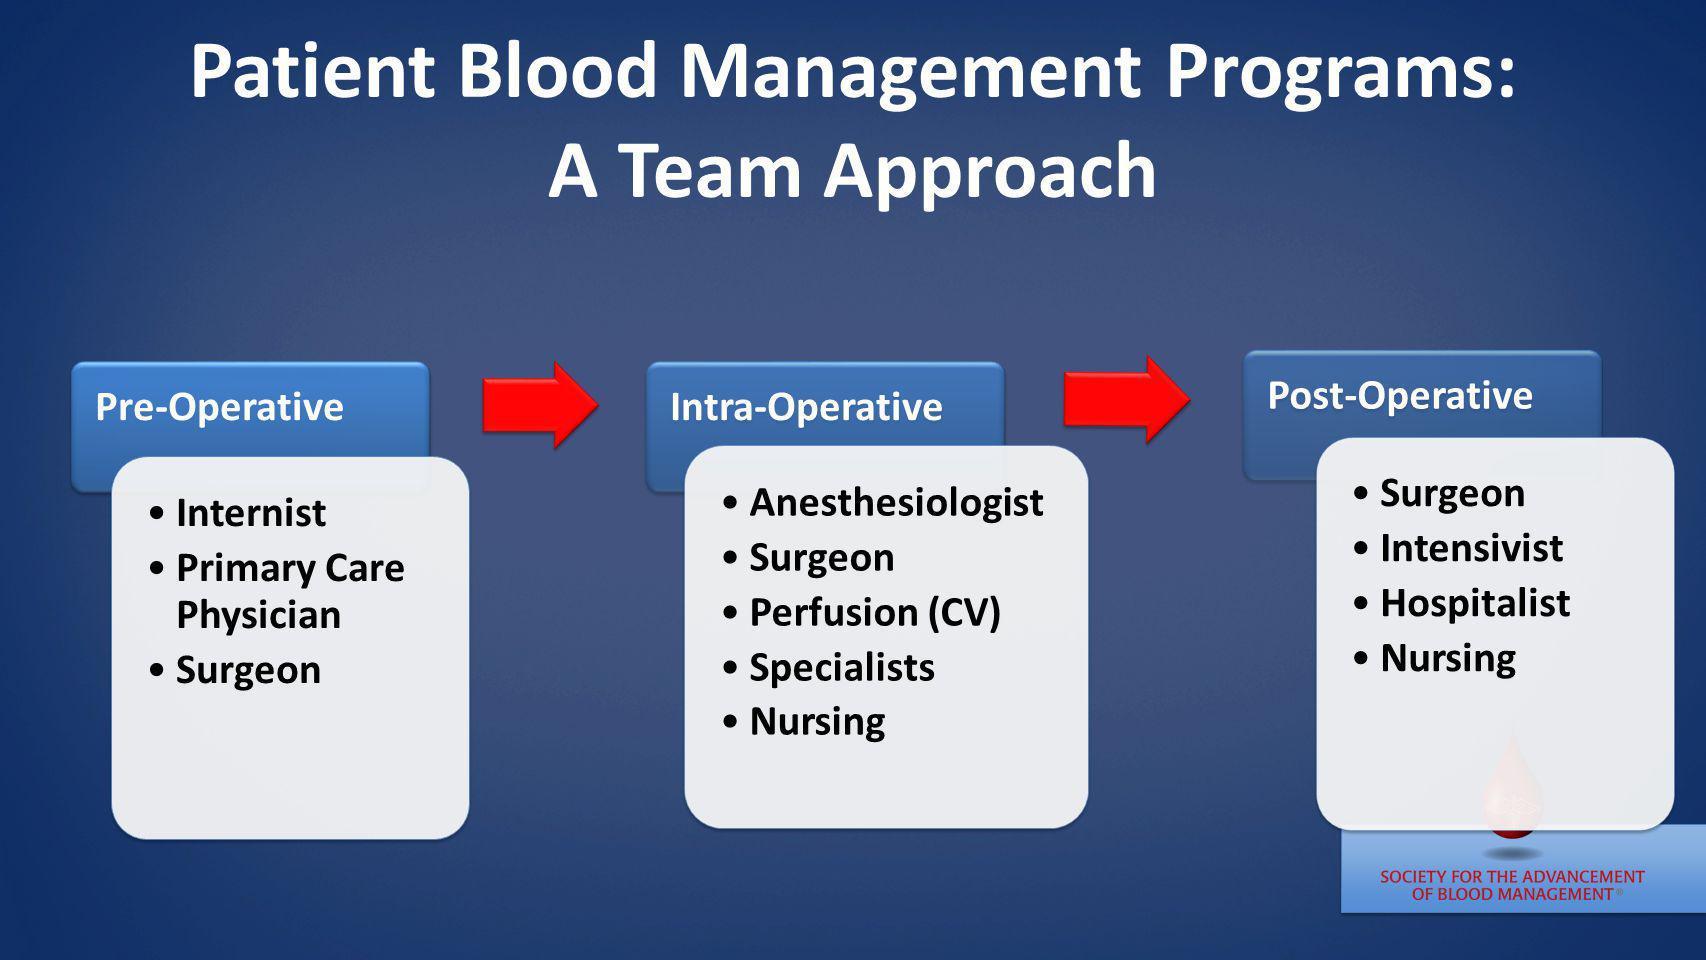 Patient Blood Management Programs: A Team Approach